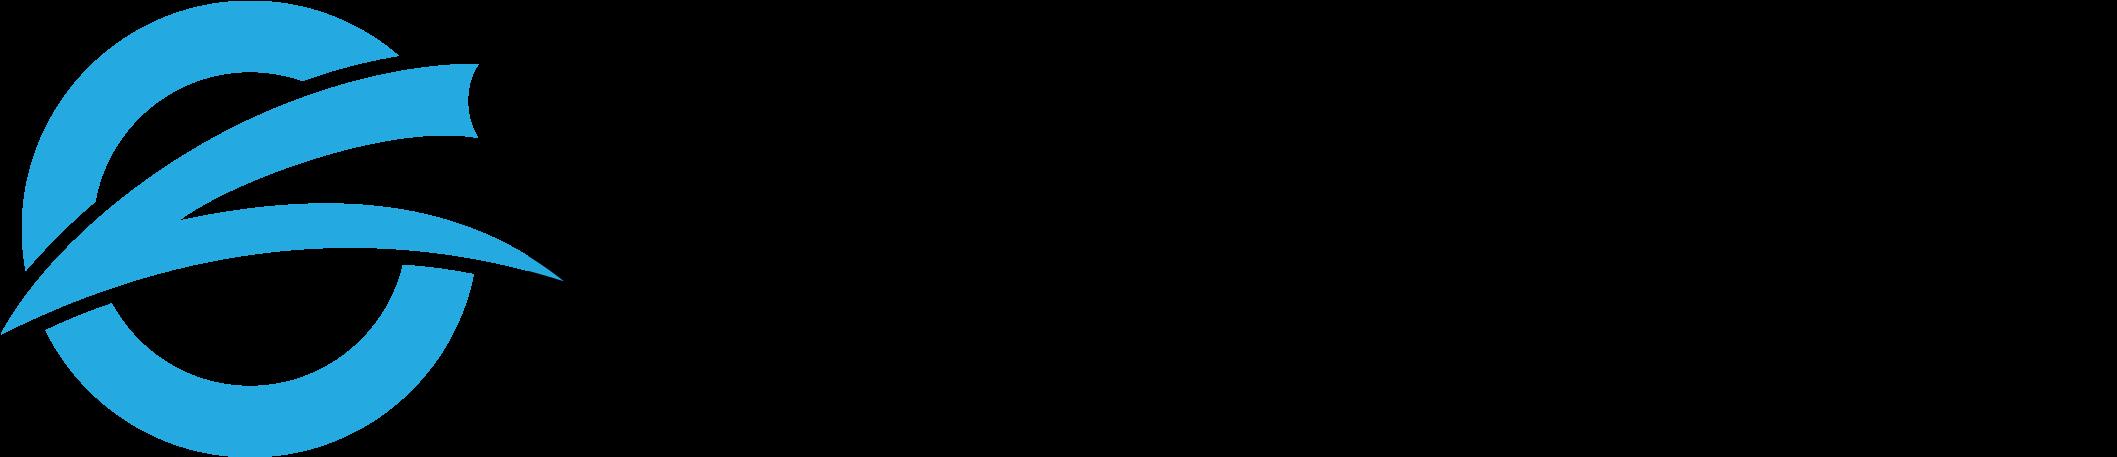 Download Lg Logo Png Transparent Background - Pivitec Llc